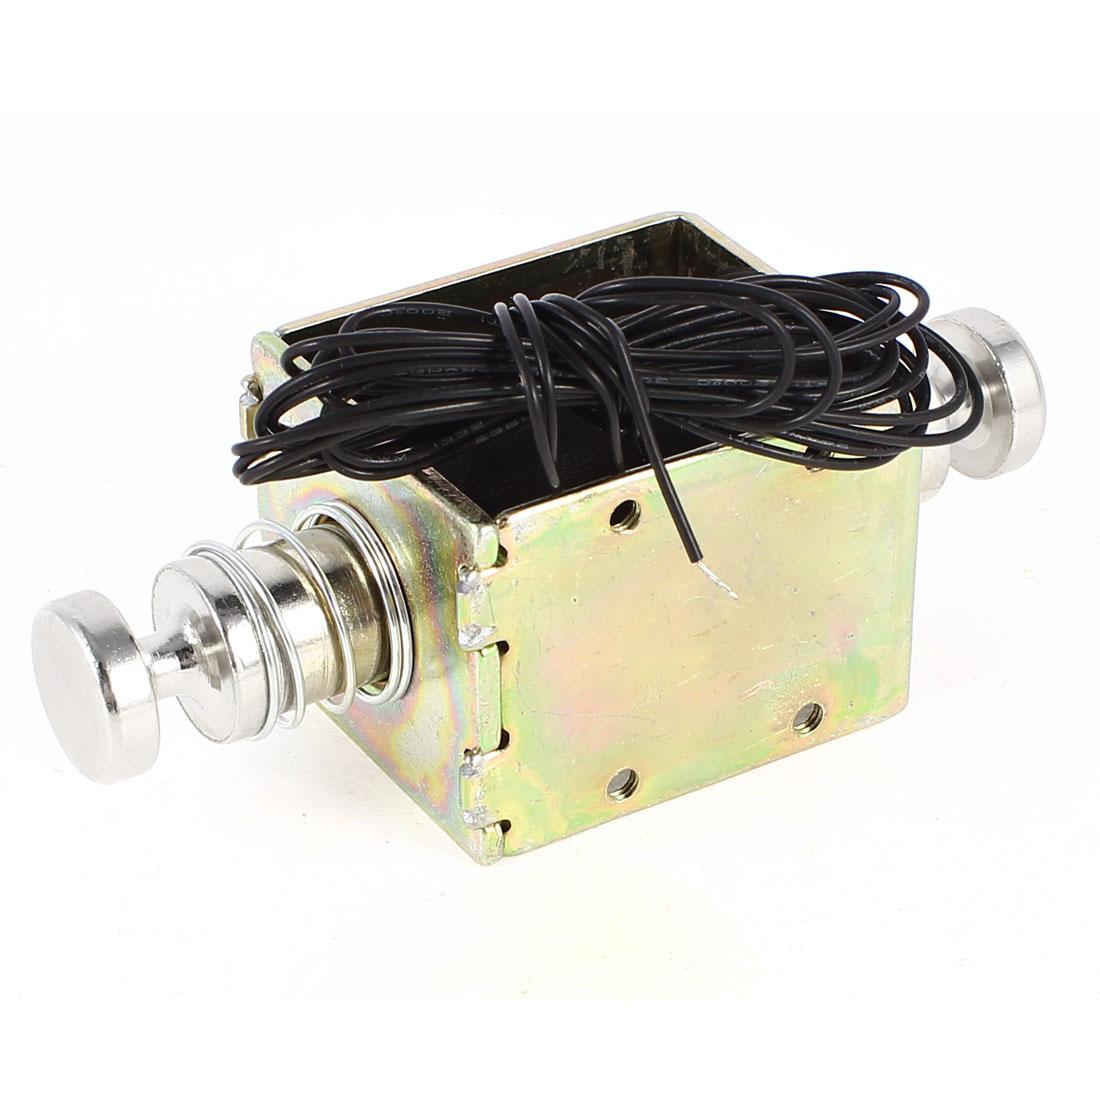 SDO-1652S 8mm Stroke Linear Motion Open Frame Solenoid Push Type Electromagnet DC 36V